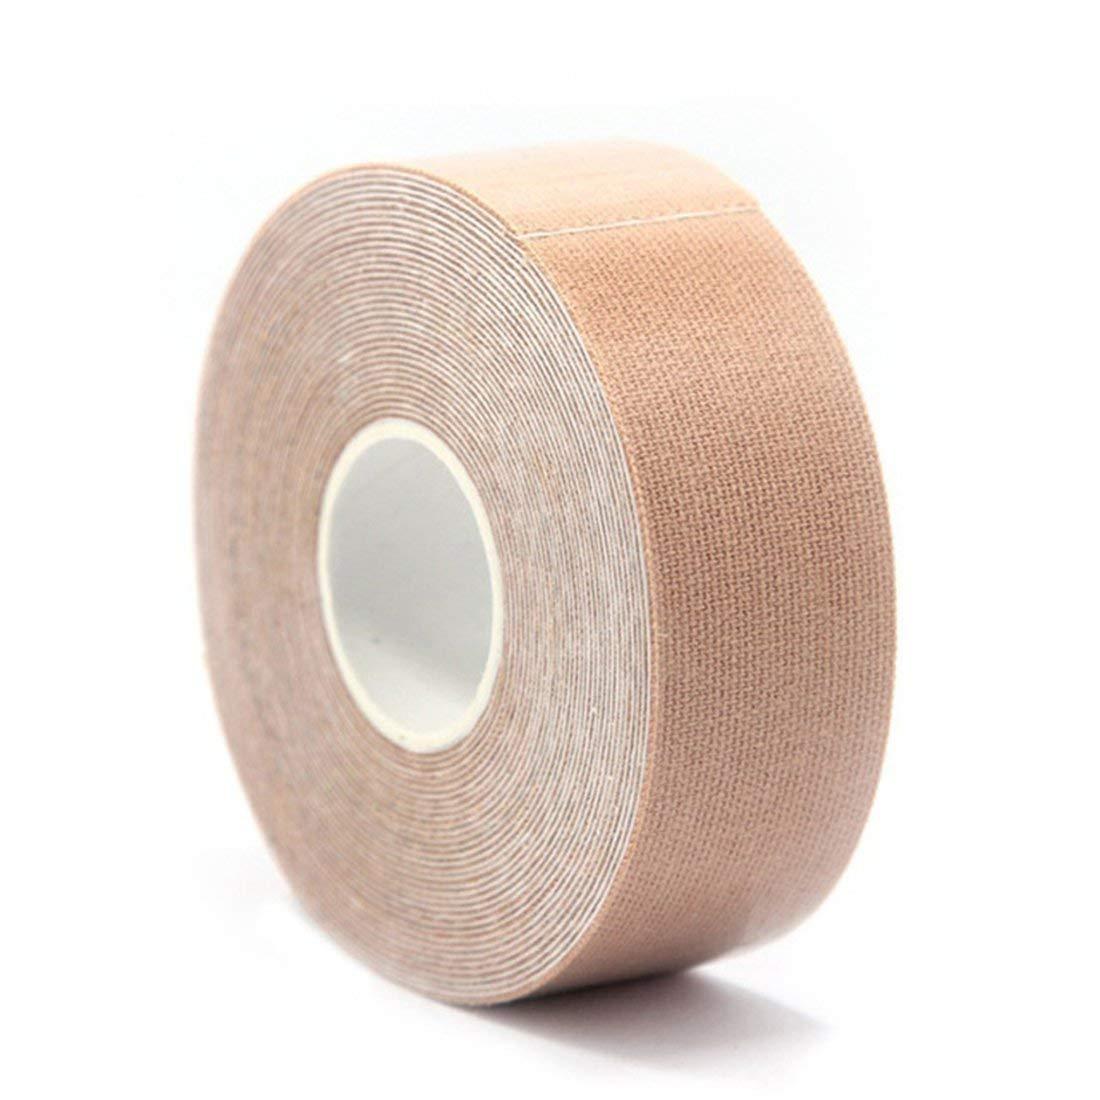 vbncvbfghfgh 2.5cm * 5m Vendaje elástico Cinta Adhesiva de algodón Lesiones Deportivas Cintas de protección de tensión Muscular: Amazon.es: Hogar